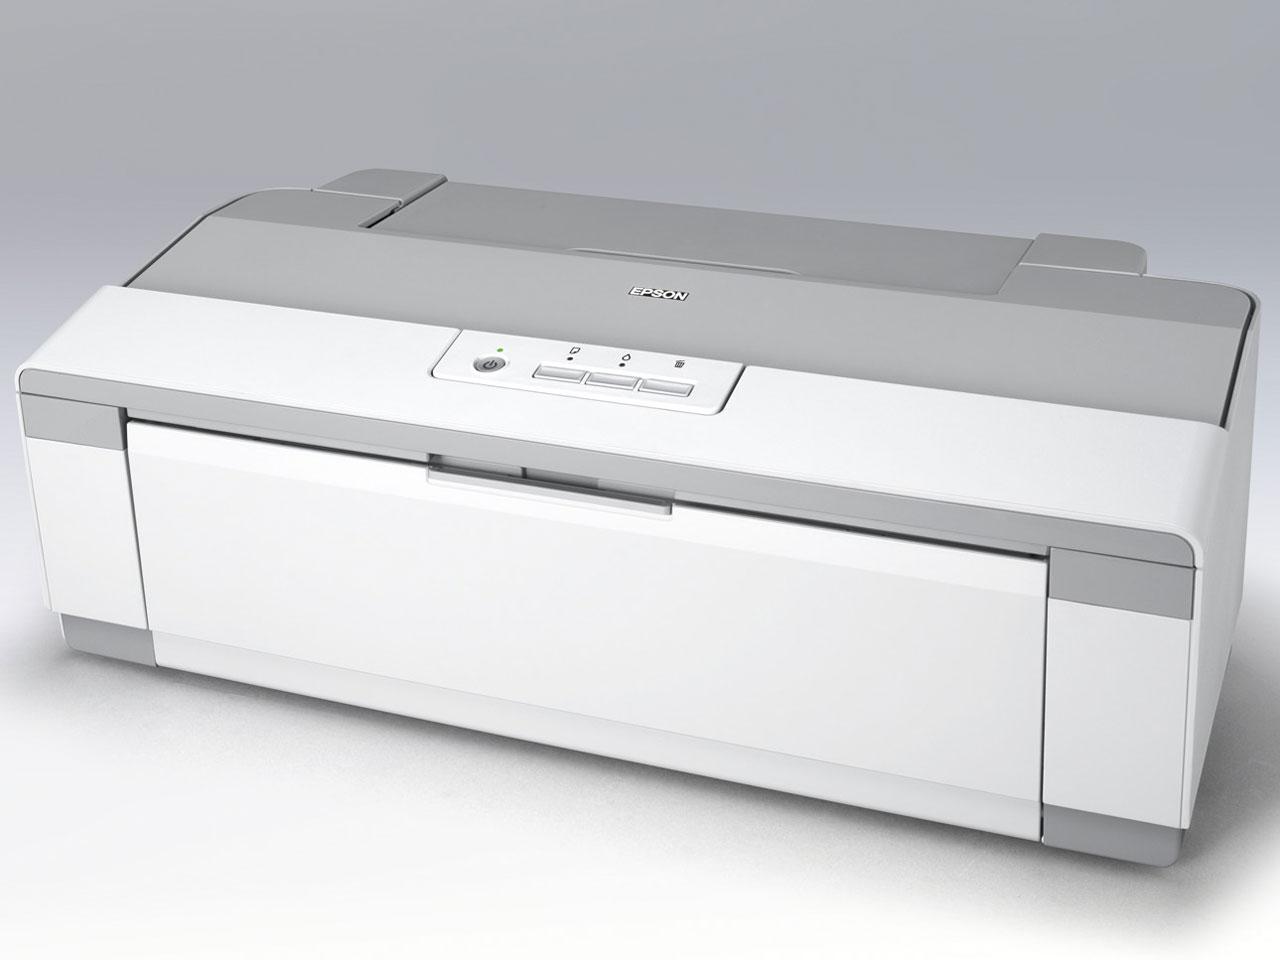 ビジネスインクジェット PX-1004 の製品画像